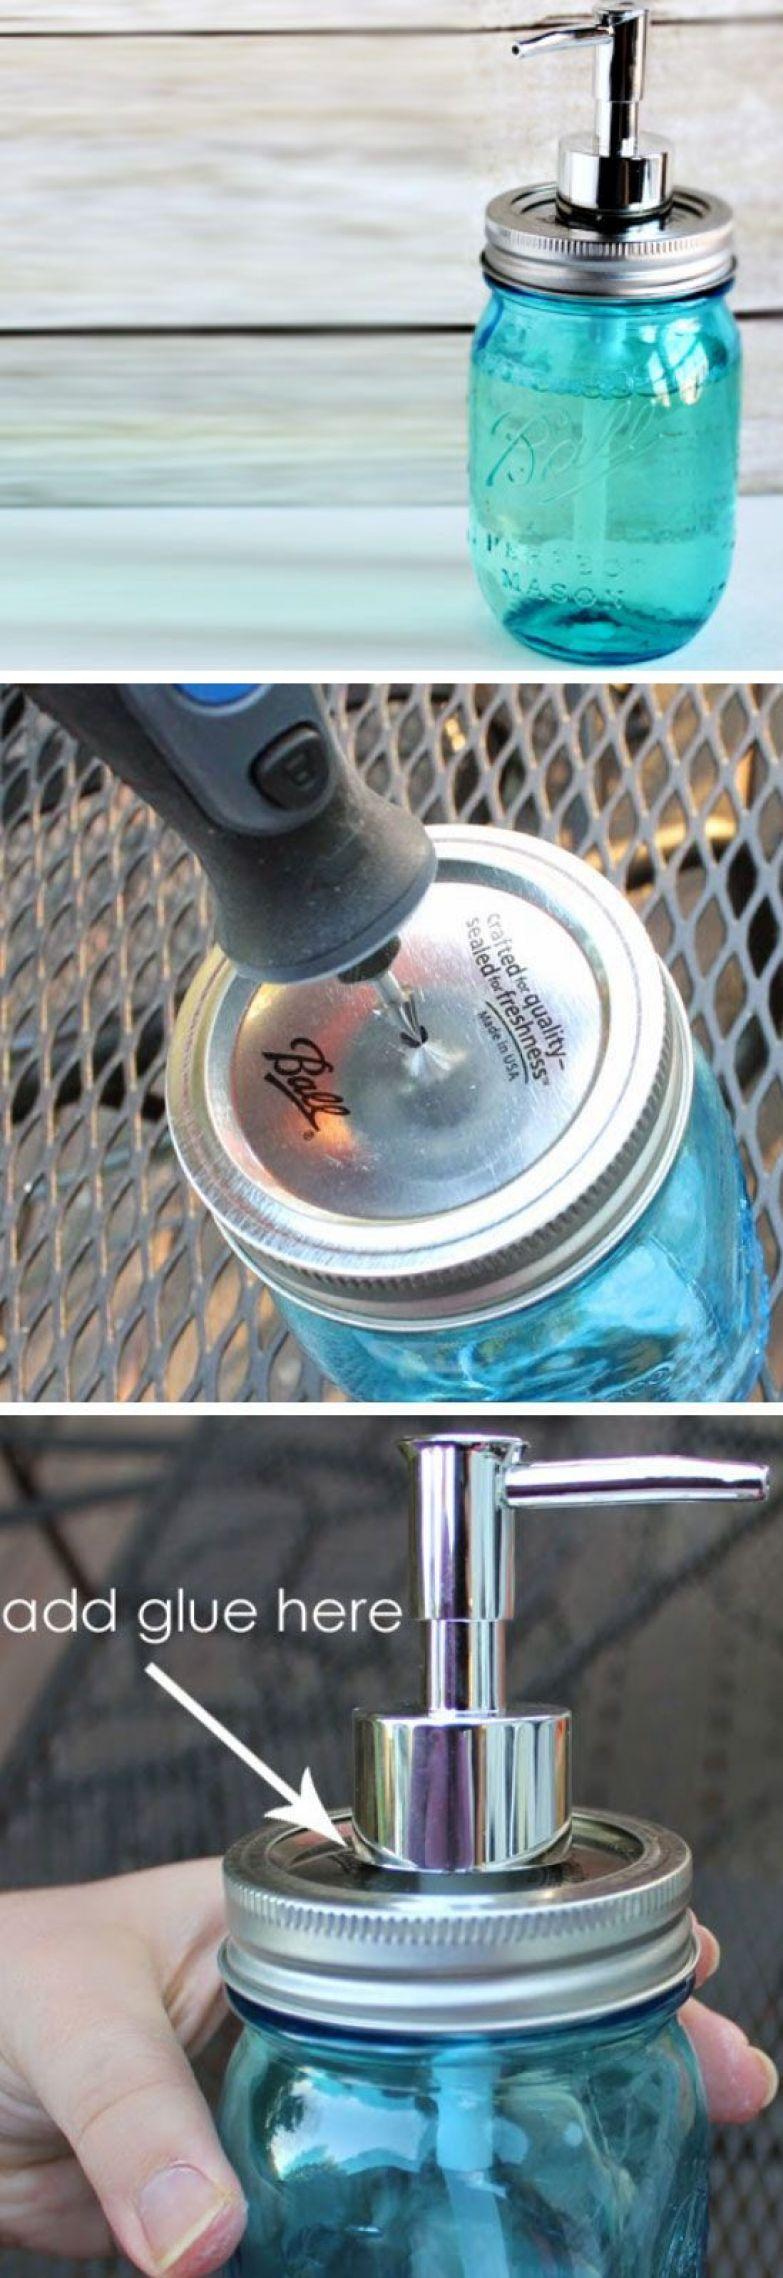 1. Из плотно завинчивающейся банки получается прекрасный диспенсер для жидкого мыла. ванная комната, лайфхаки, уют